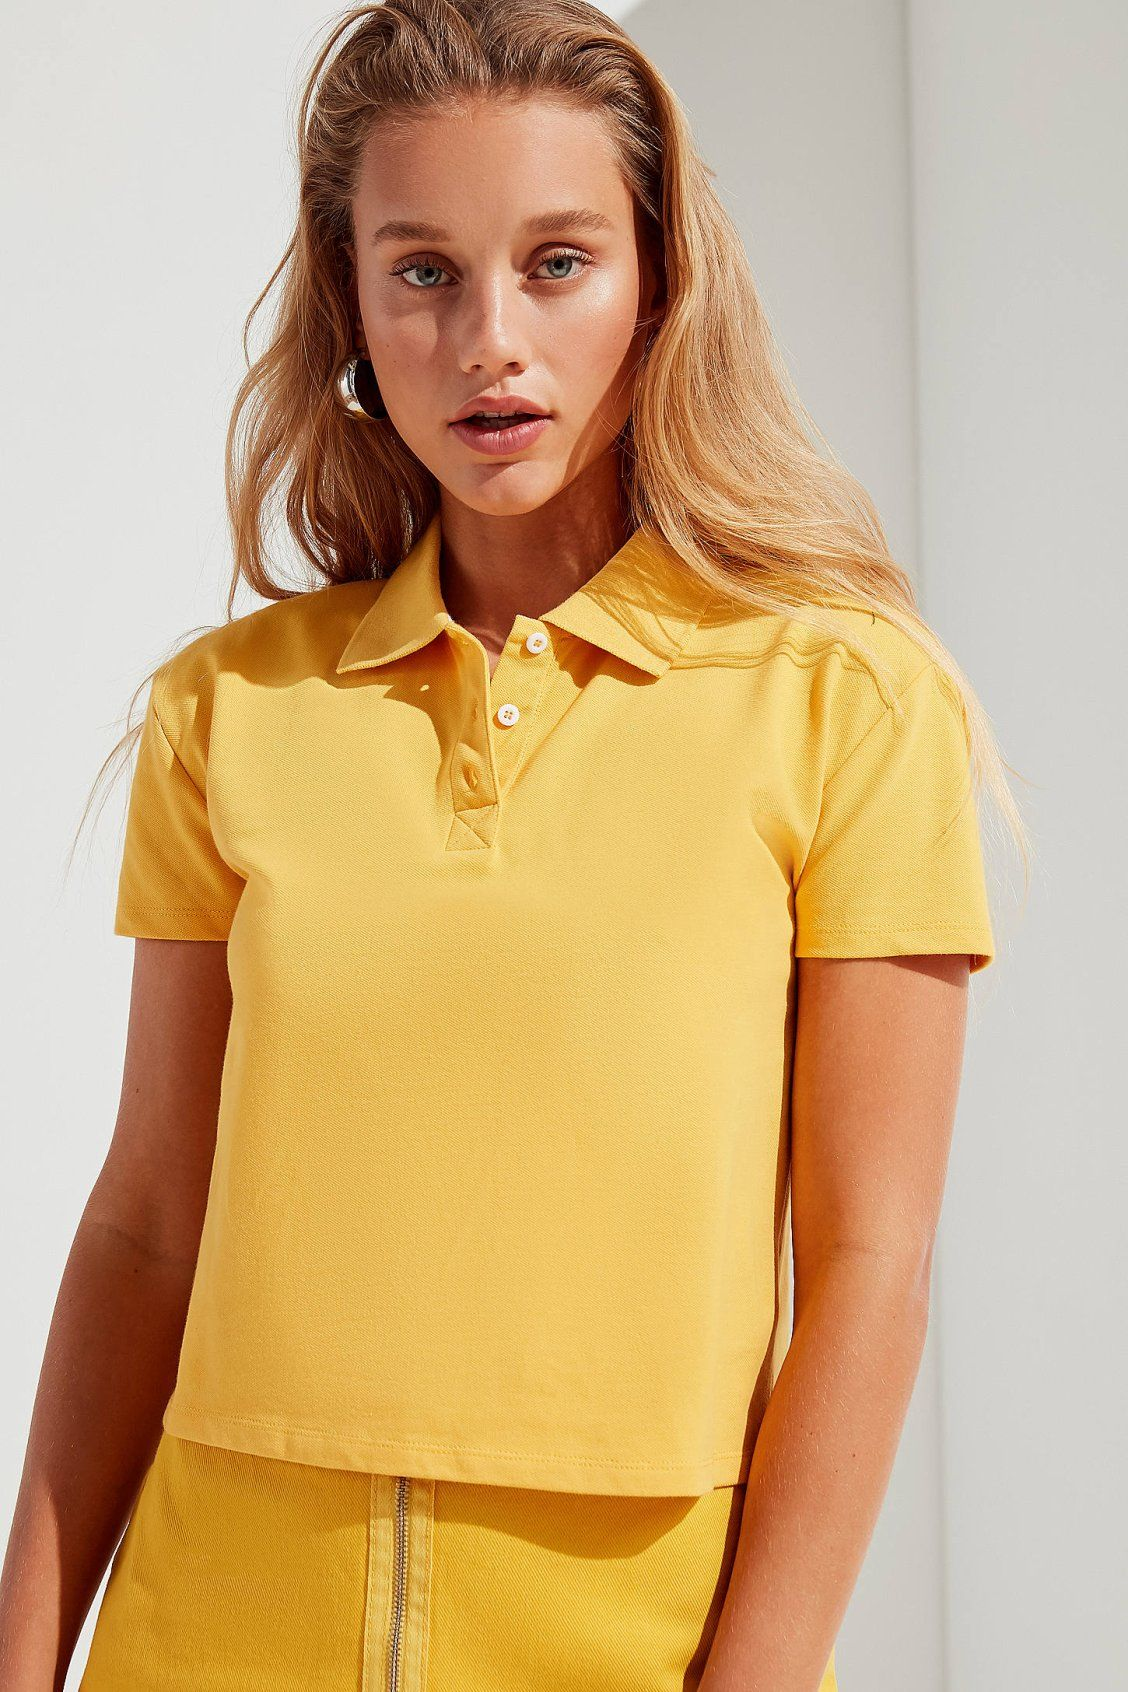 Uo Tate Tennis Polo Shirt Polo Shirt Women Shirt Outfit Women Polo Shirt Outfit Women S